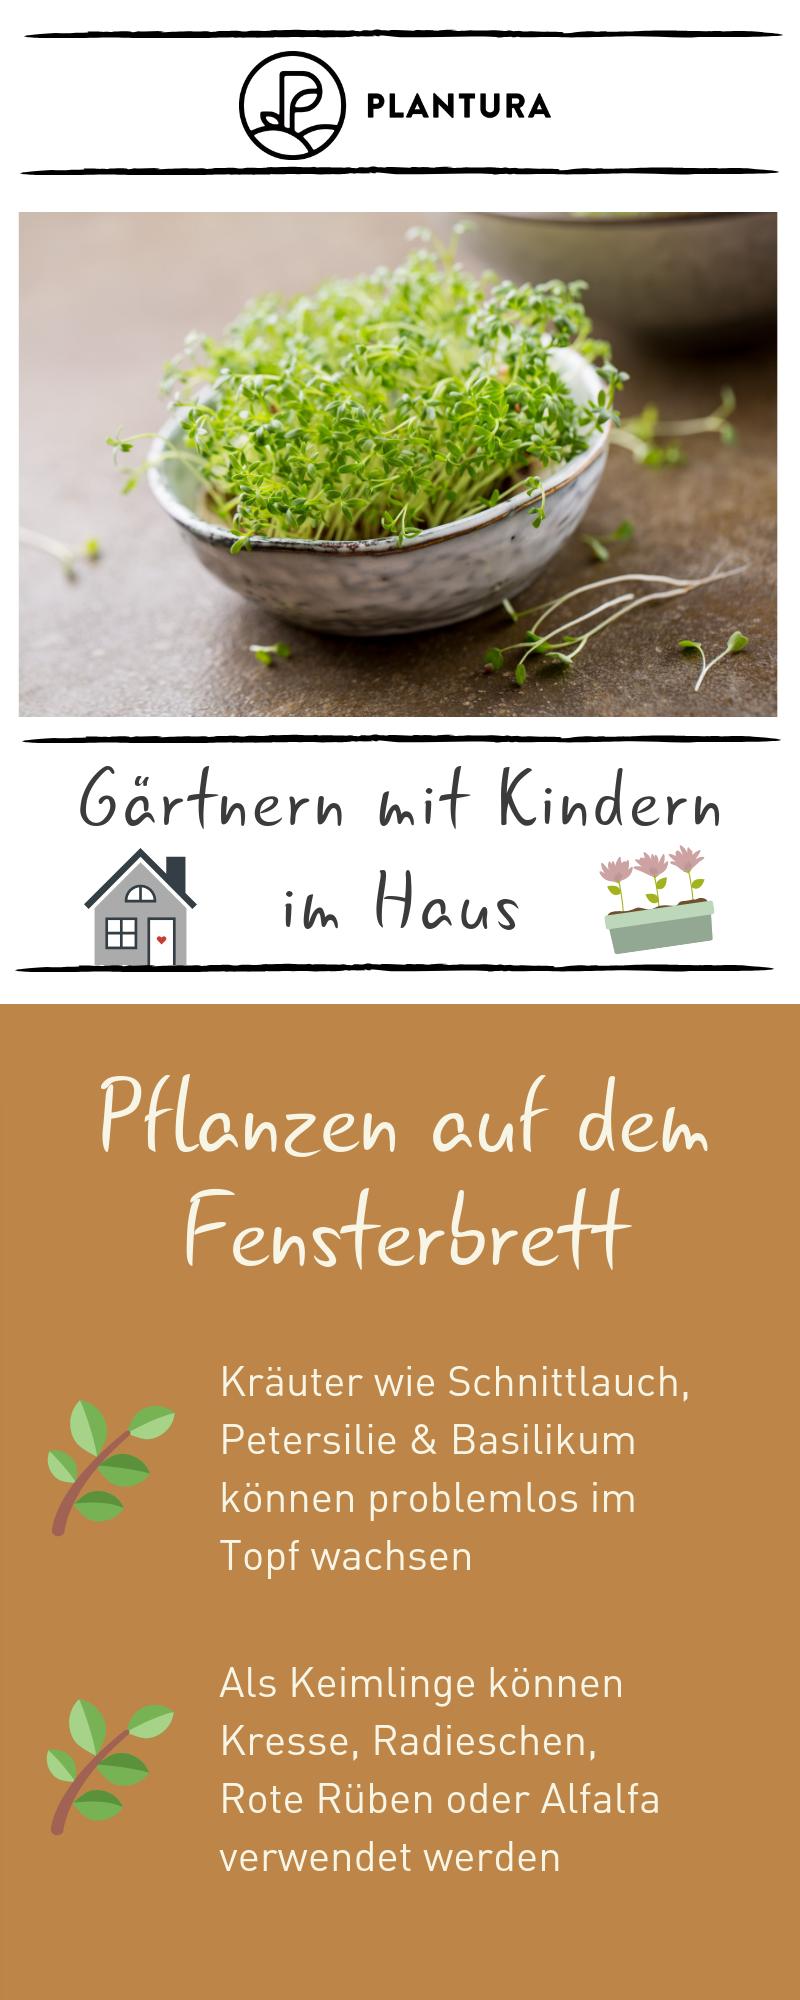 Gartenarbeit mit Kindern im Haus – Pflanzen auf dem Fe – Garten Herbst Idee – Garten Mit Kindern